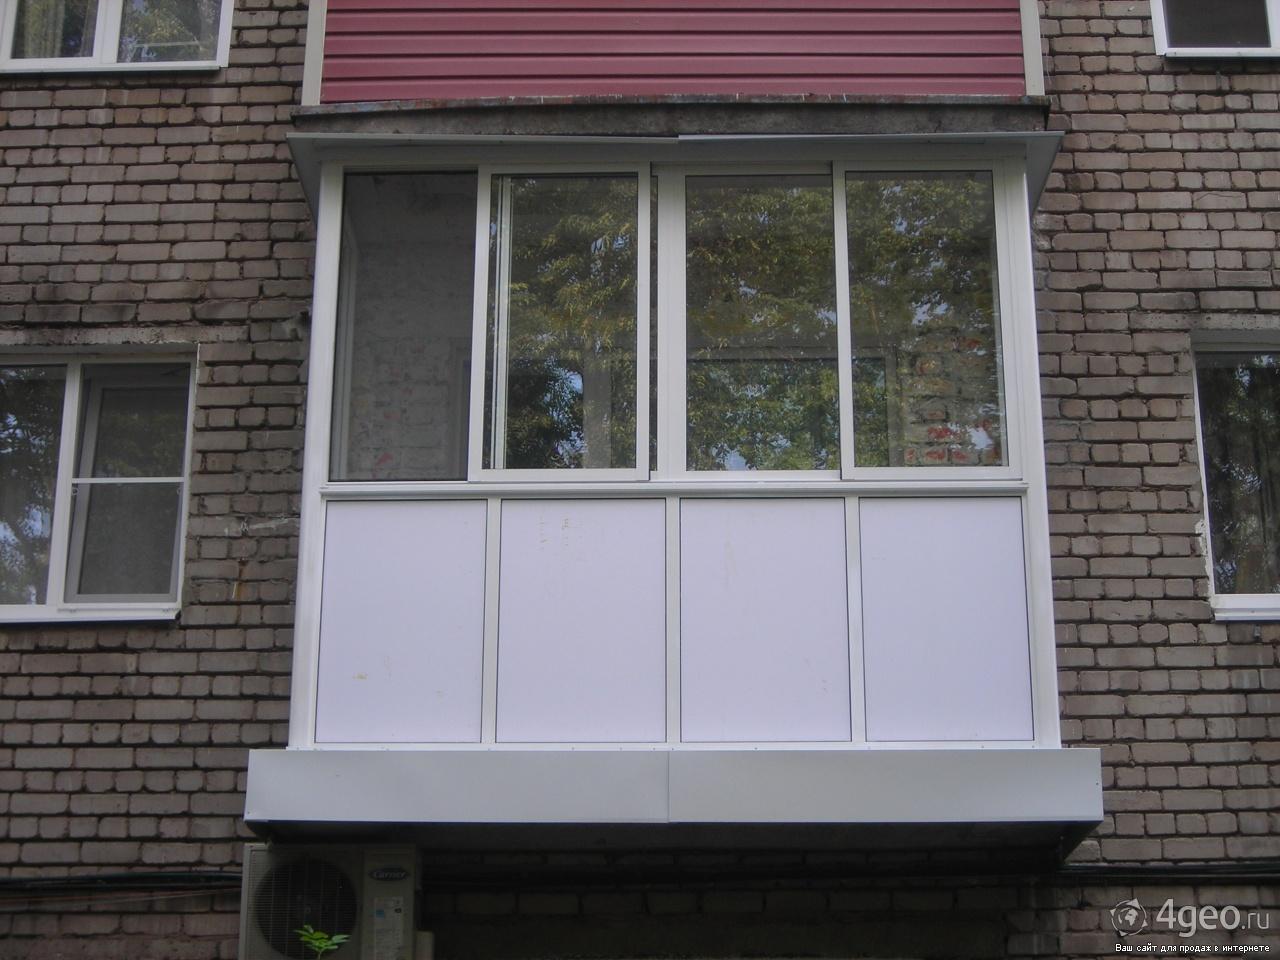 Торгово-сервисная компания ип харин а.в. остекление балконов.